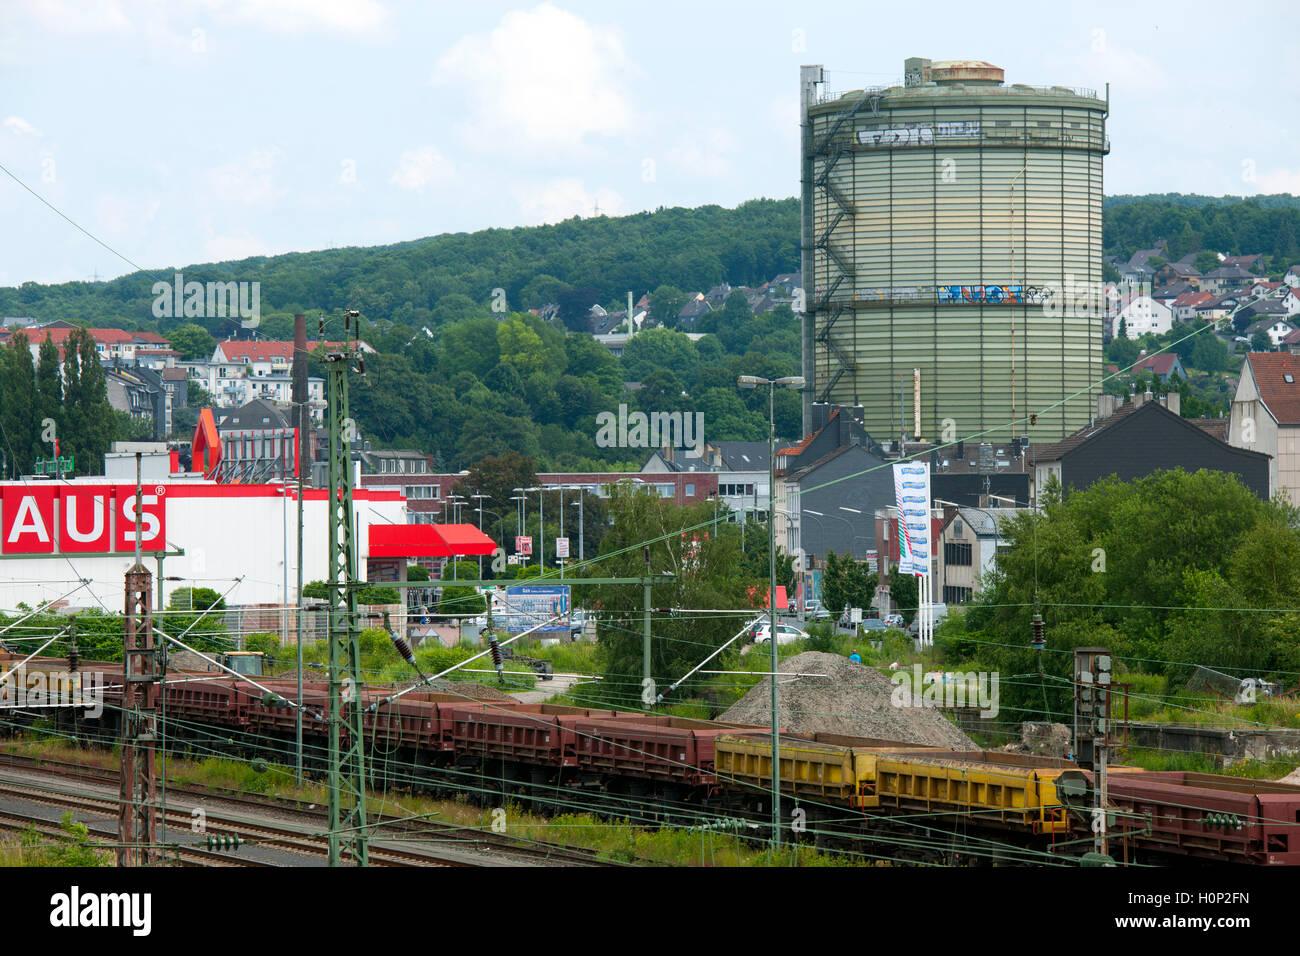 Deutschland, Nordrhein-Westfalen, Wuppertal-Heckinghausen, Gasometer W-Heckinghausen Stock Photo